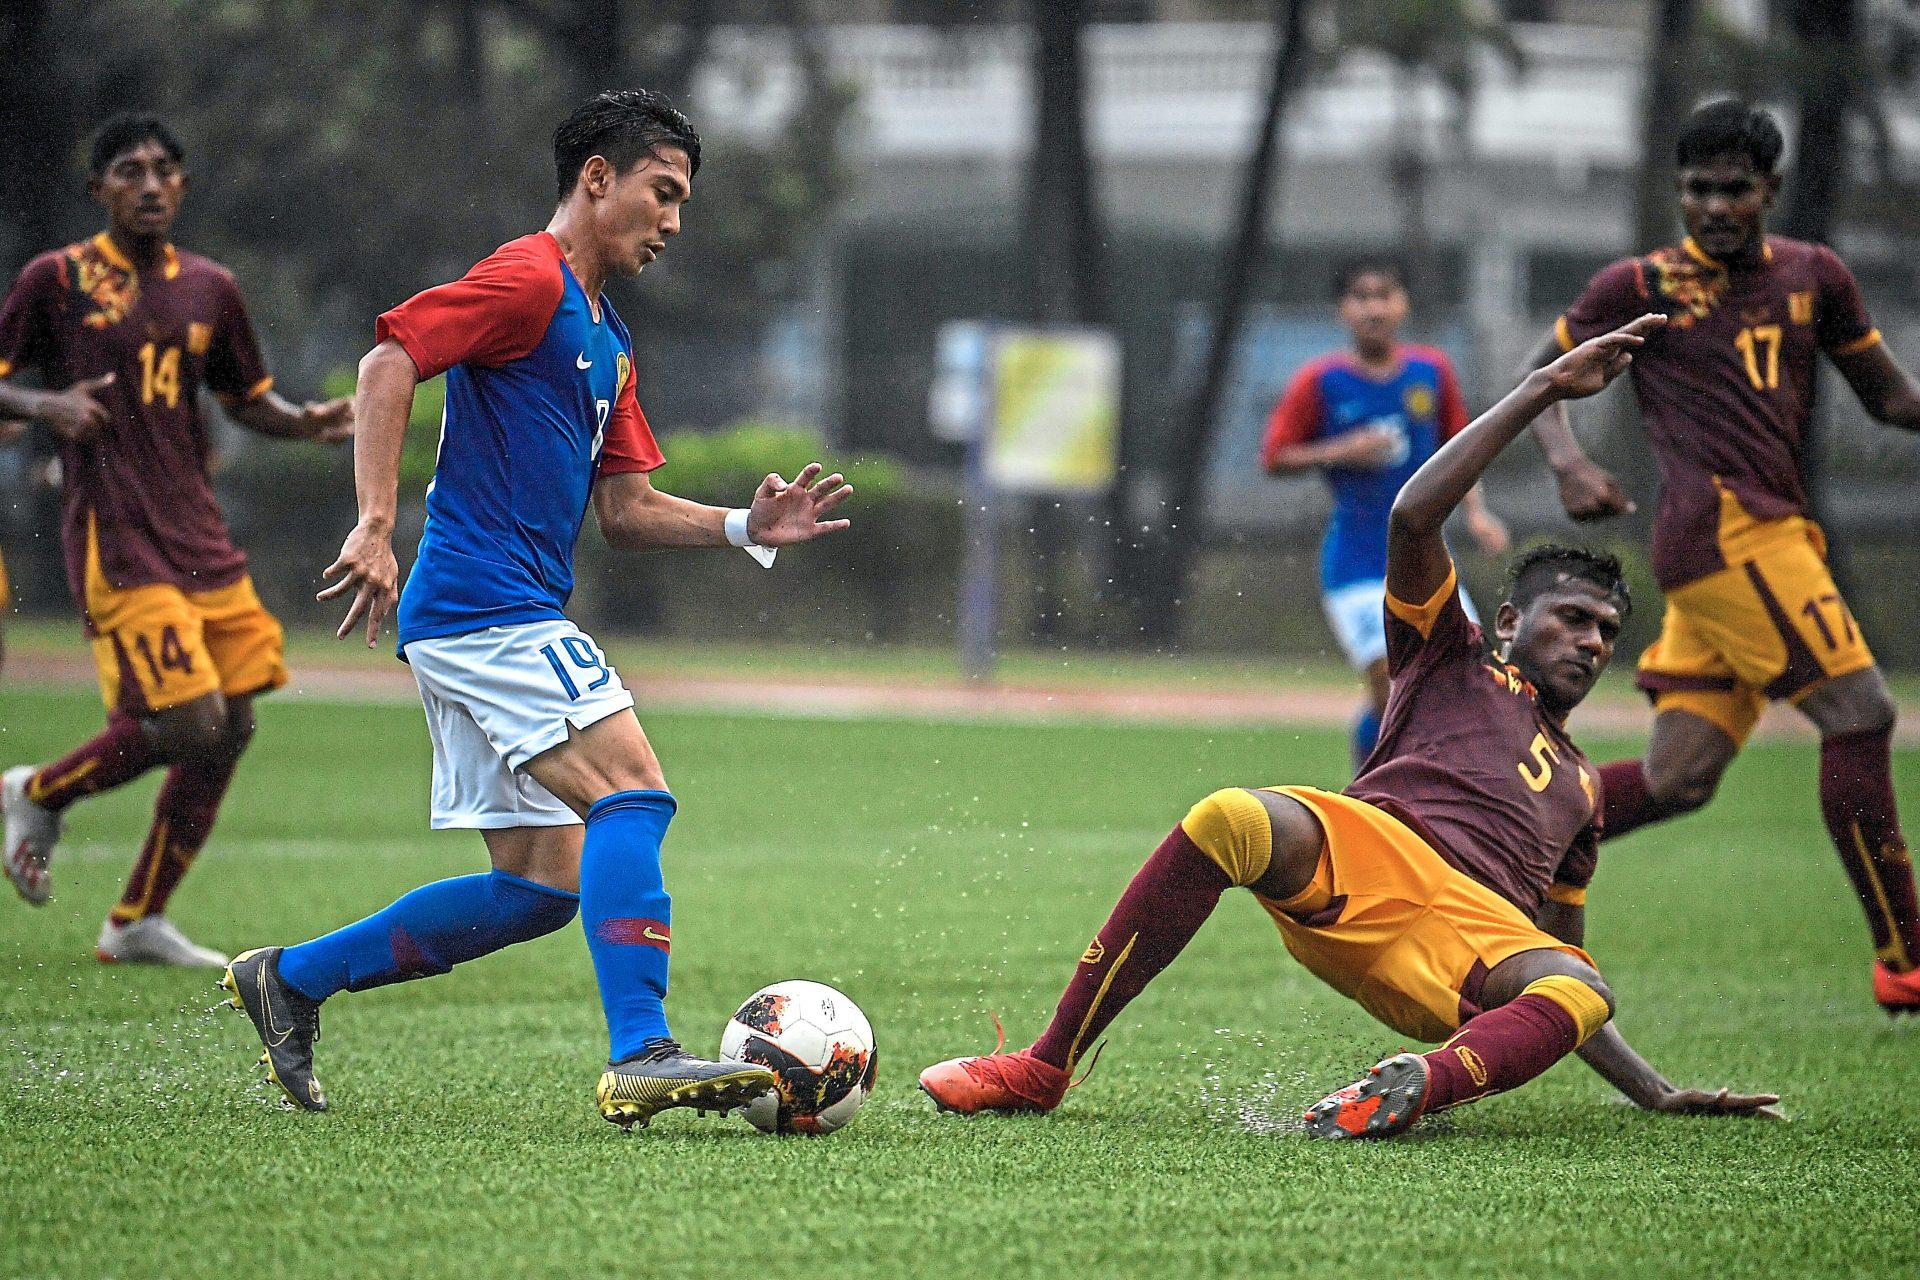 ماليزيا تتأهل لبطولة آسيا لكرة القدم تحت 19 سنة